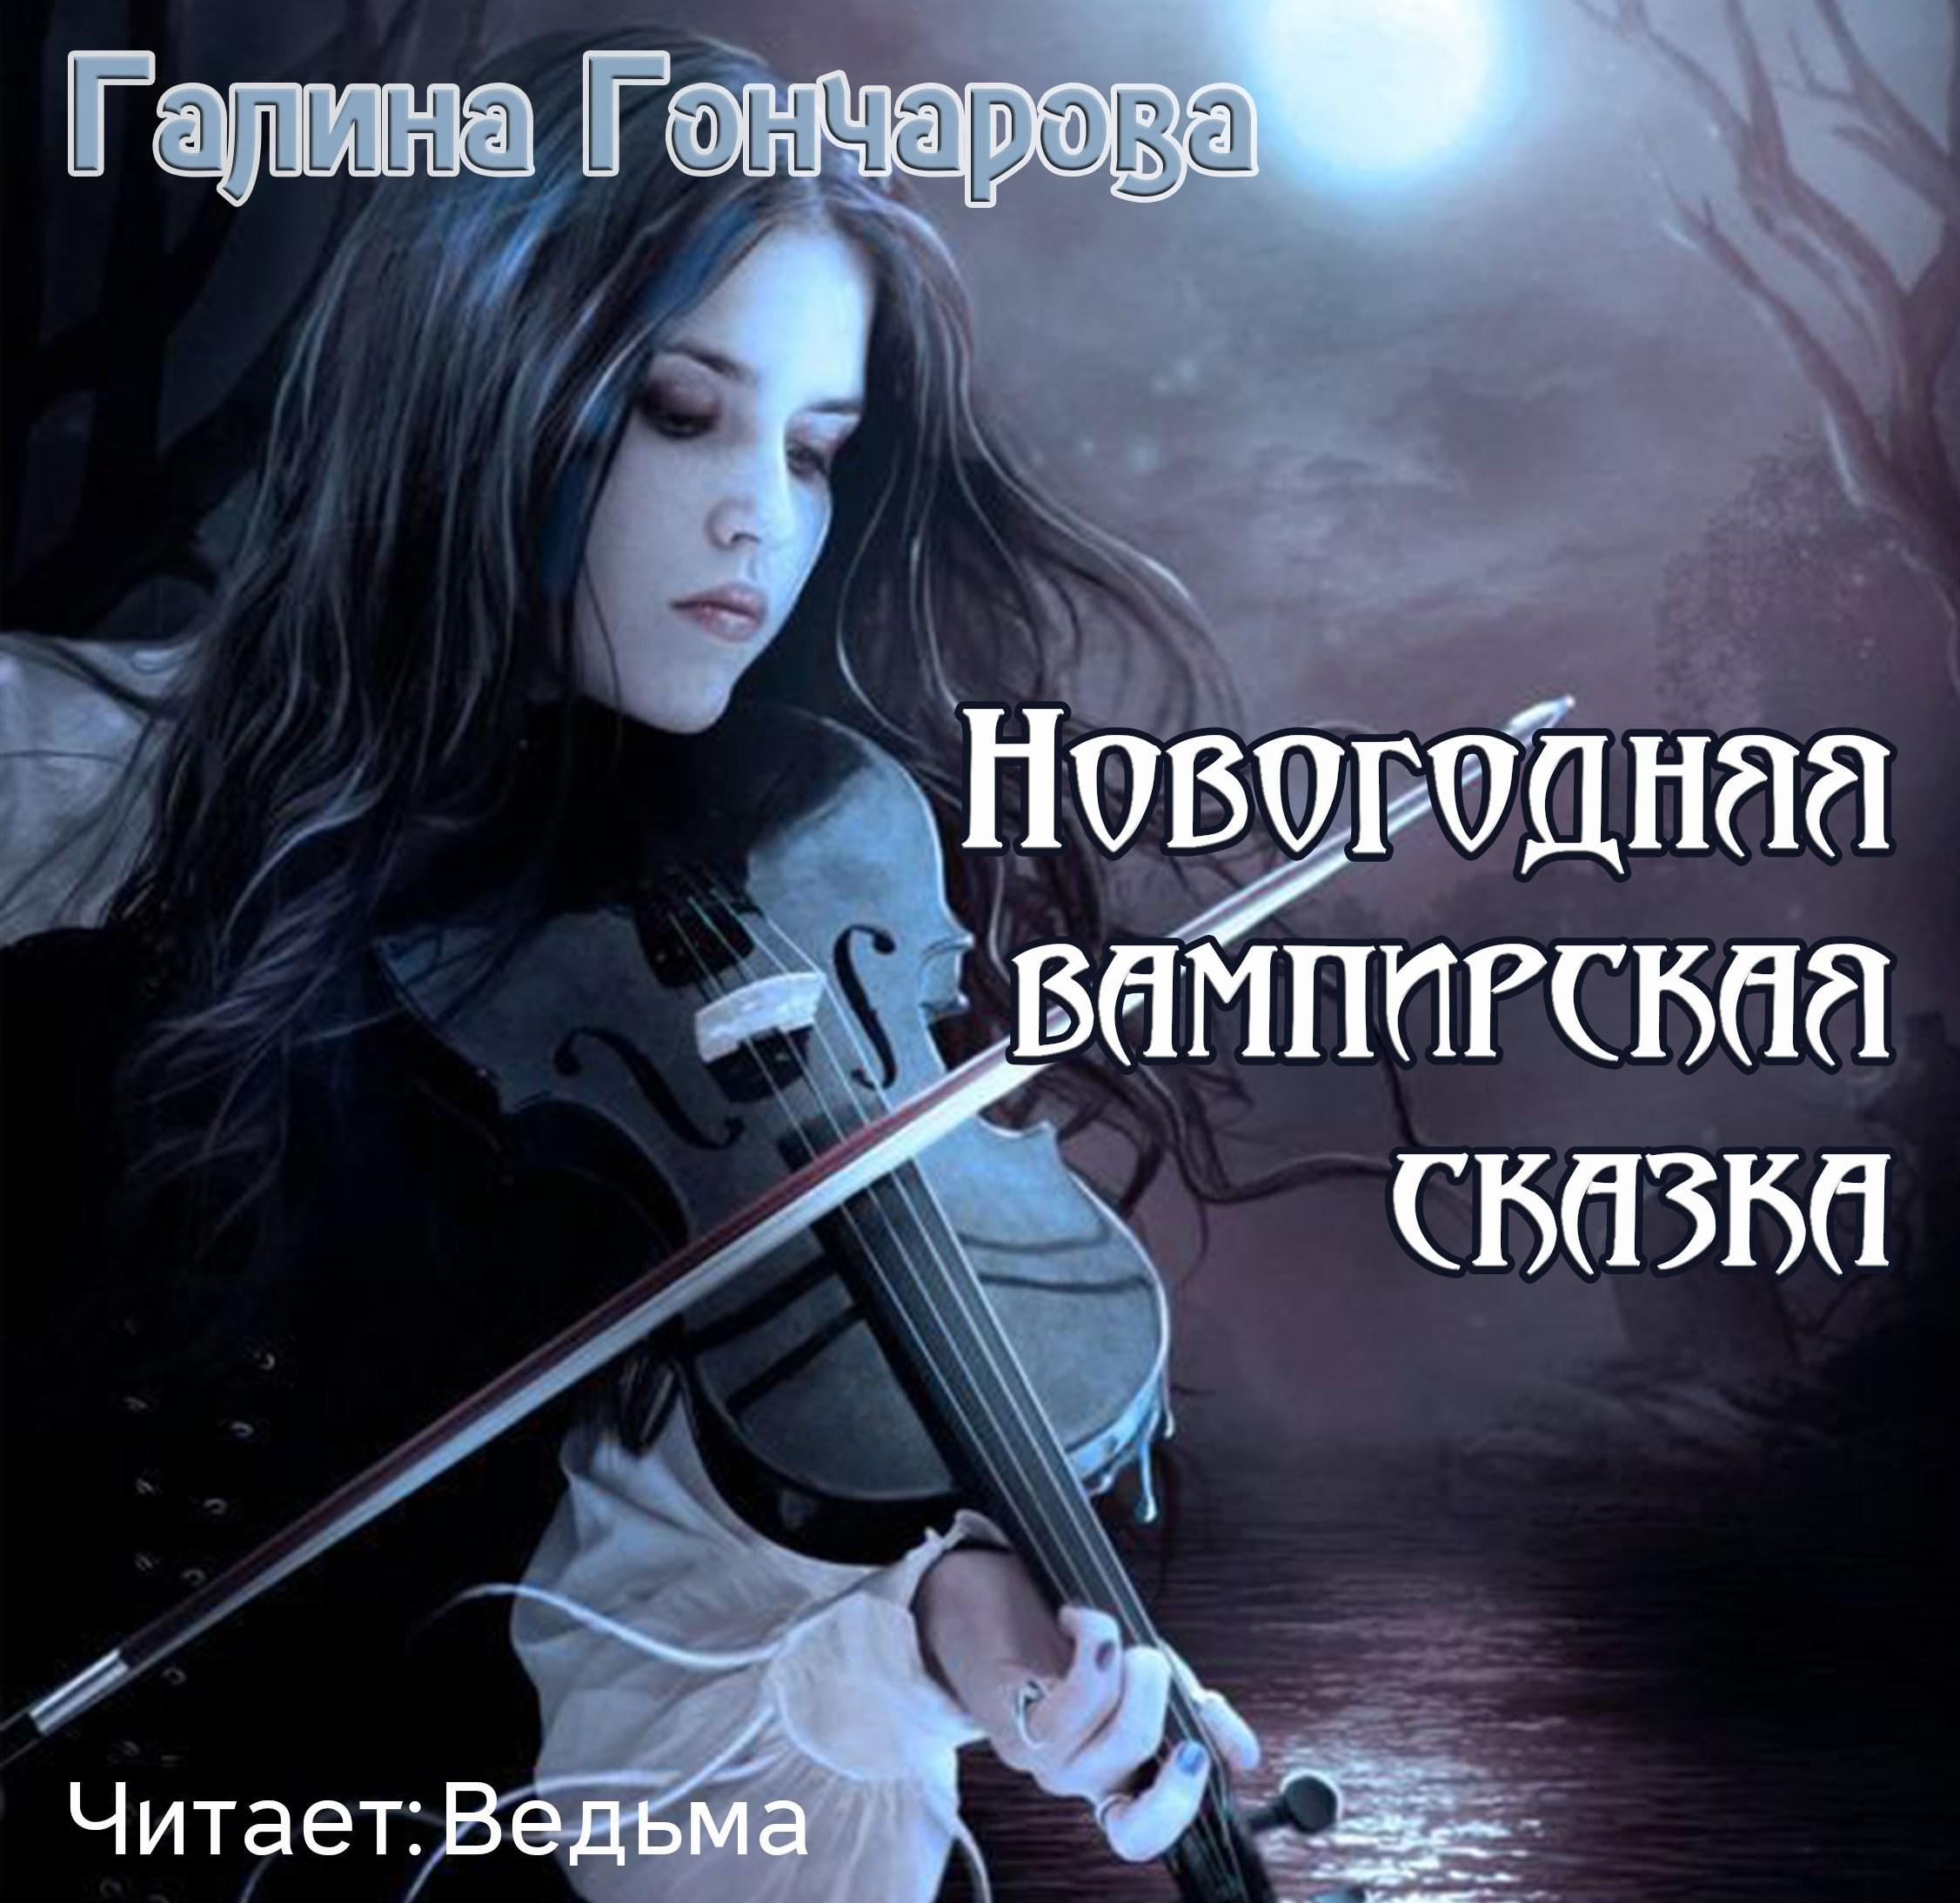 Новогодняя вампирская сказка (Цифровая версия)Представляем вашему вниманию аудиокнигу Новогодняя вампирская сказка, аудиоверсию романа Галины Гончаровой.<br>